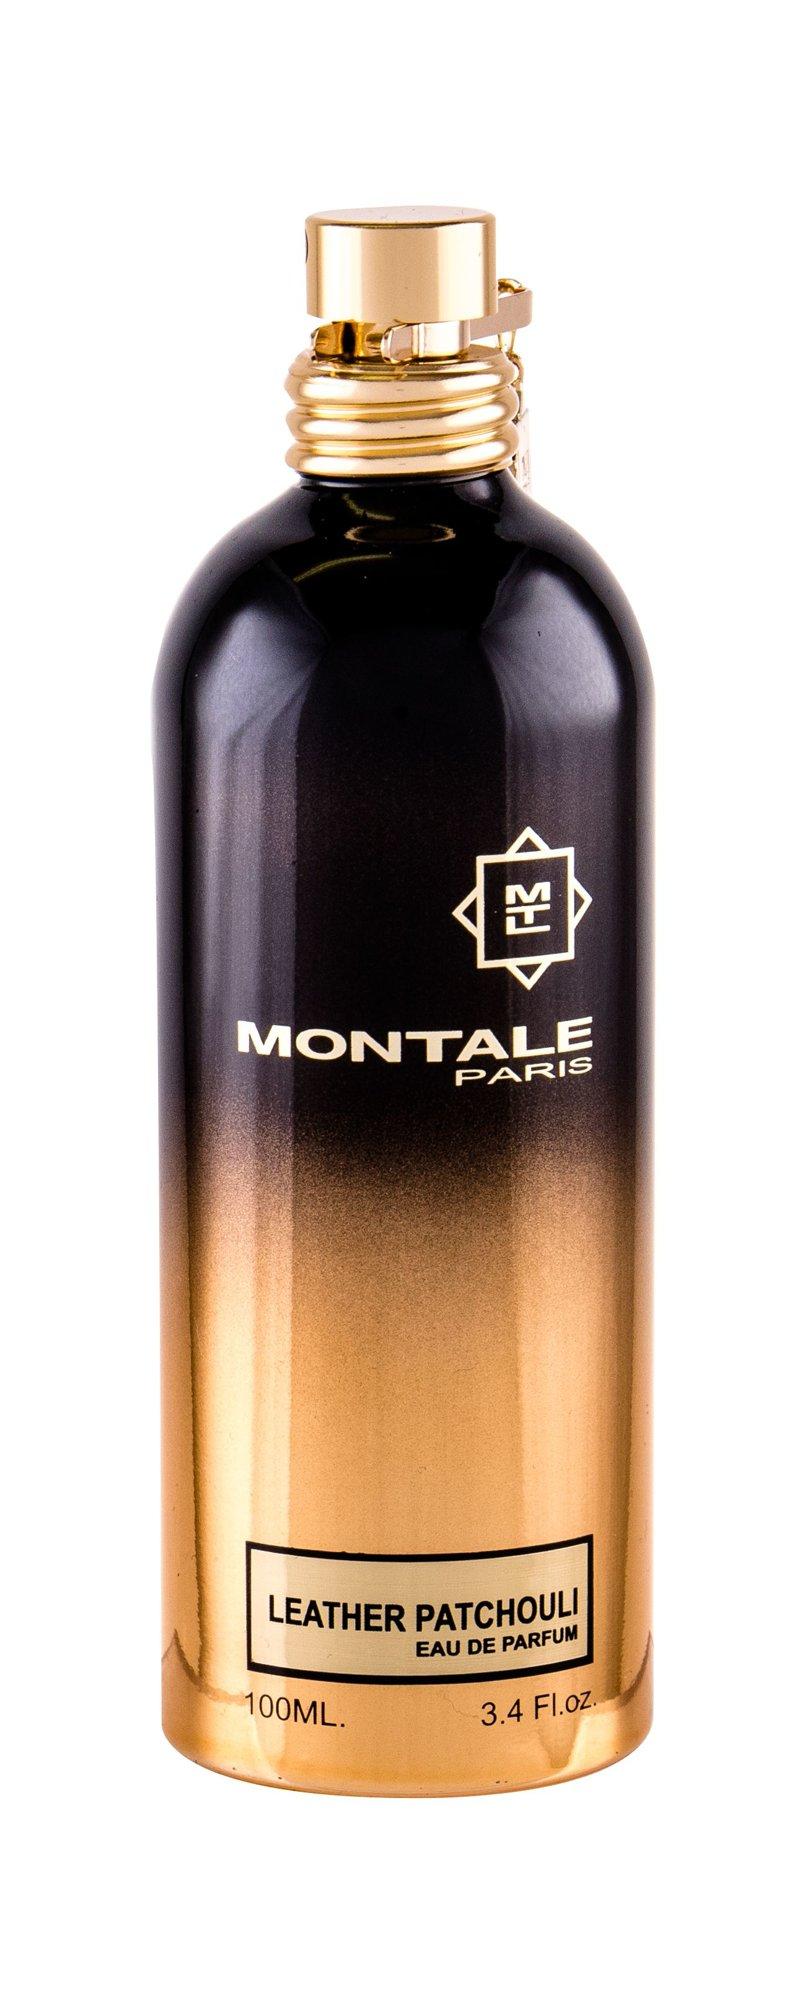 Montale Paris Leather Patchouli Eau de Parfum 100ml